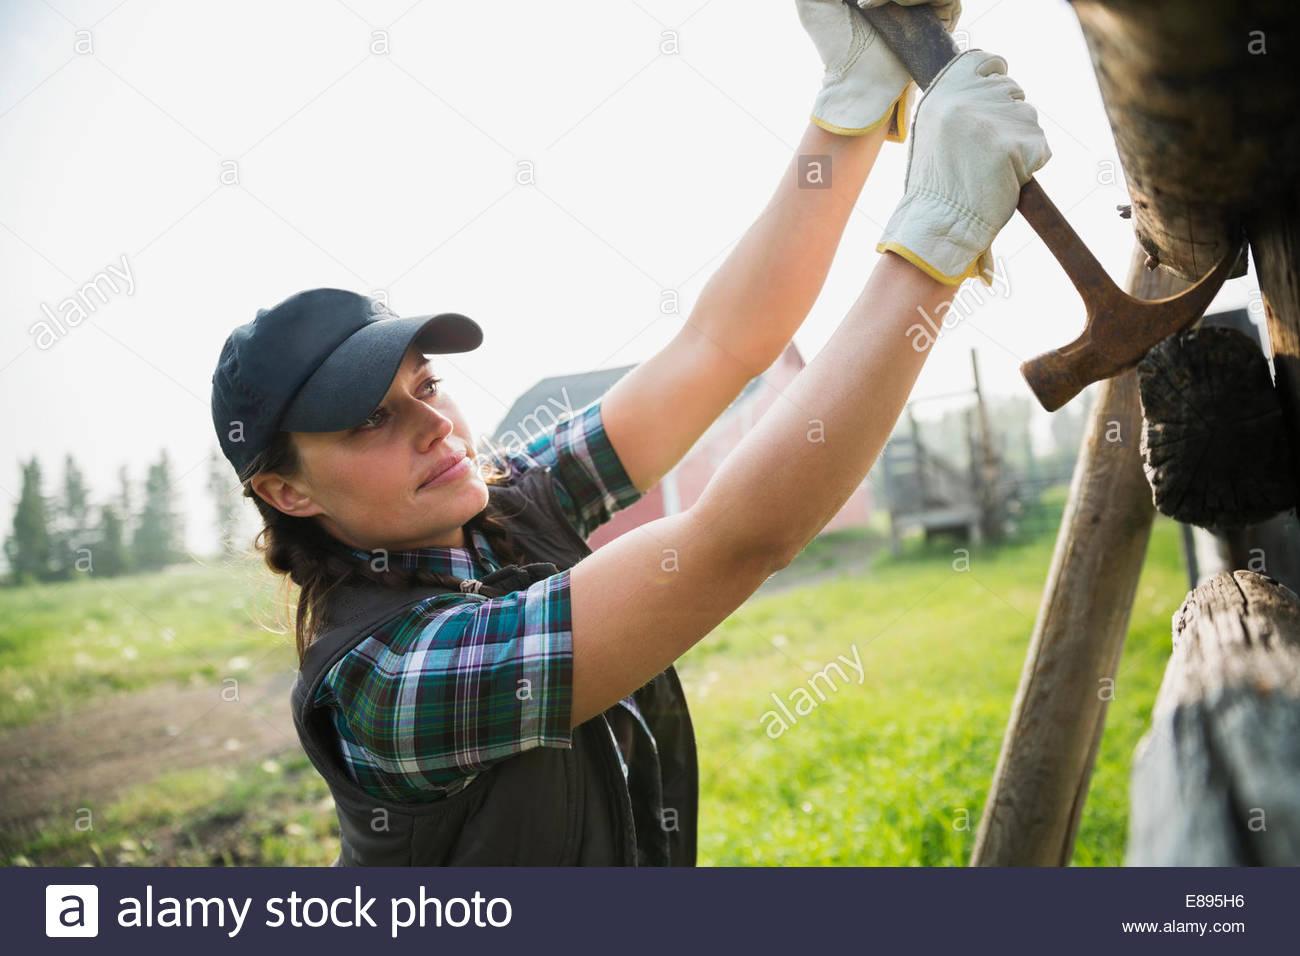 Ranchero con un martillo la sustitución de postes en la pastura Imagen De Stock